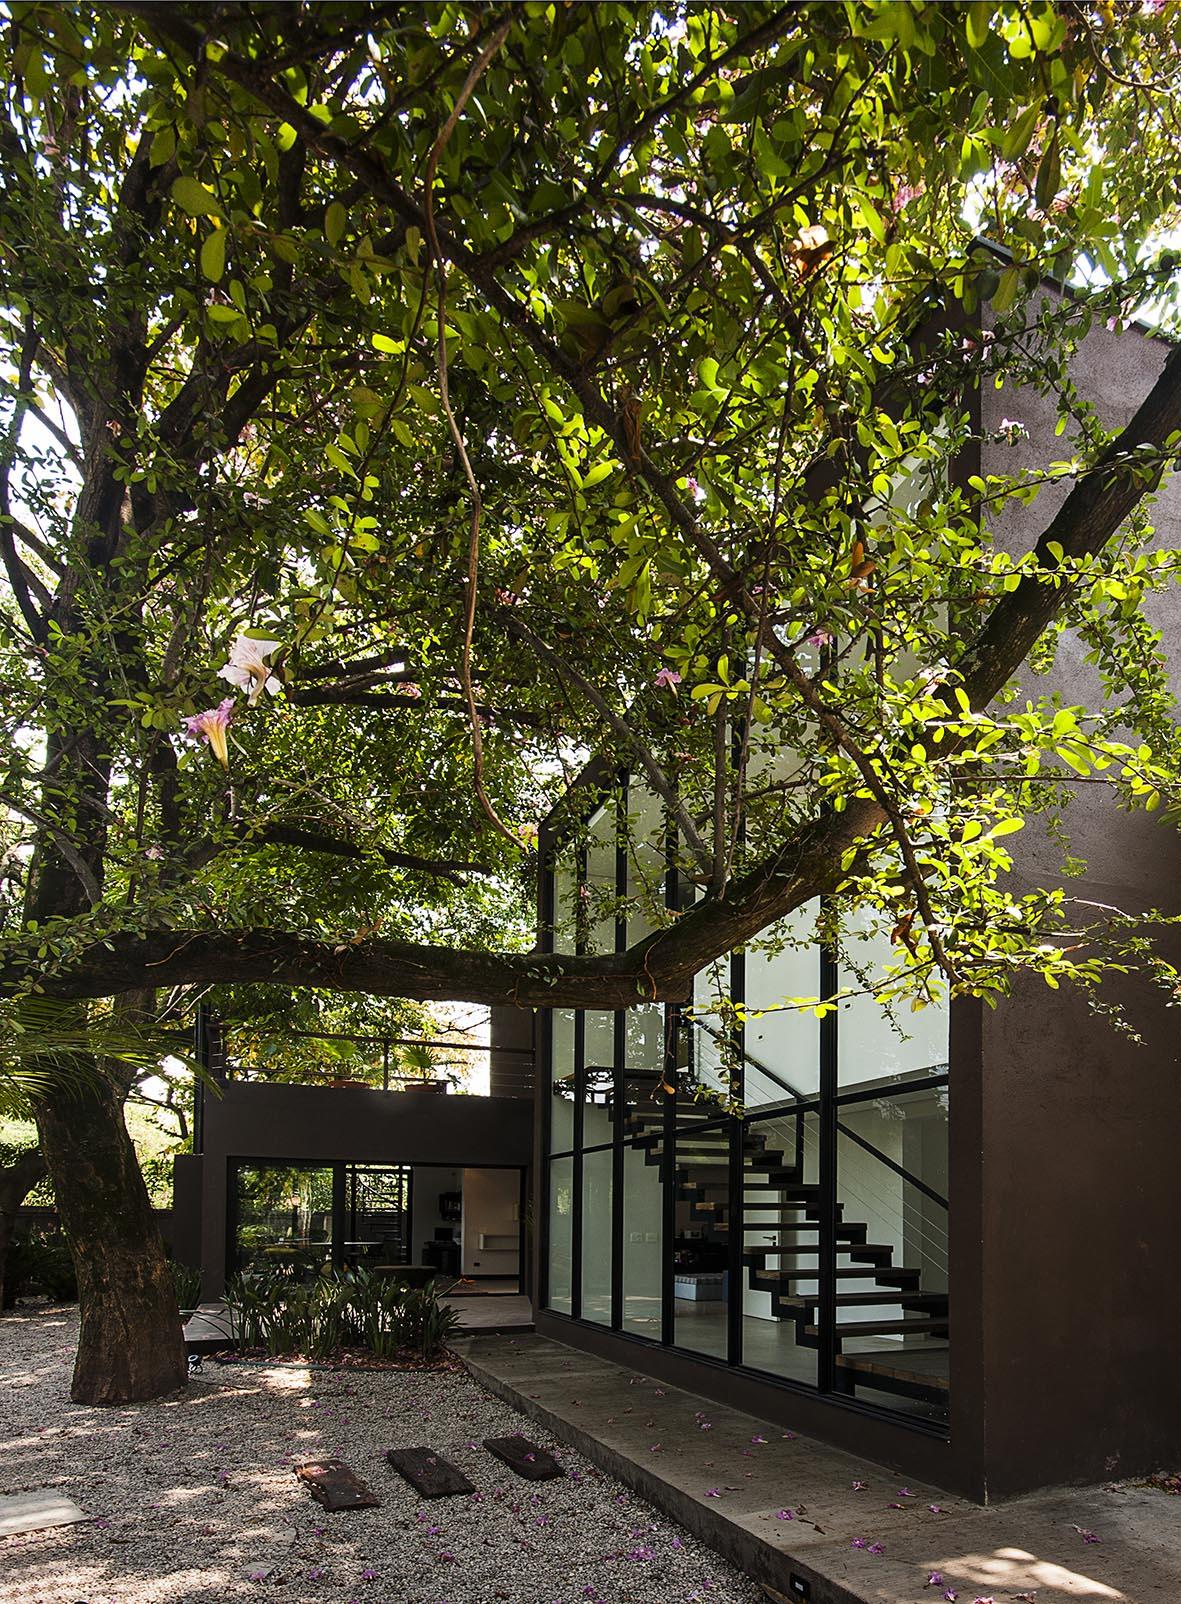 área_externa_casa_vidro_alice_martins_flávio_butti.jpg